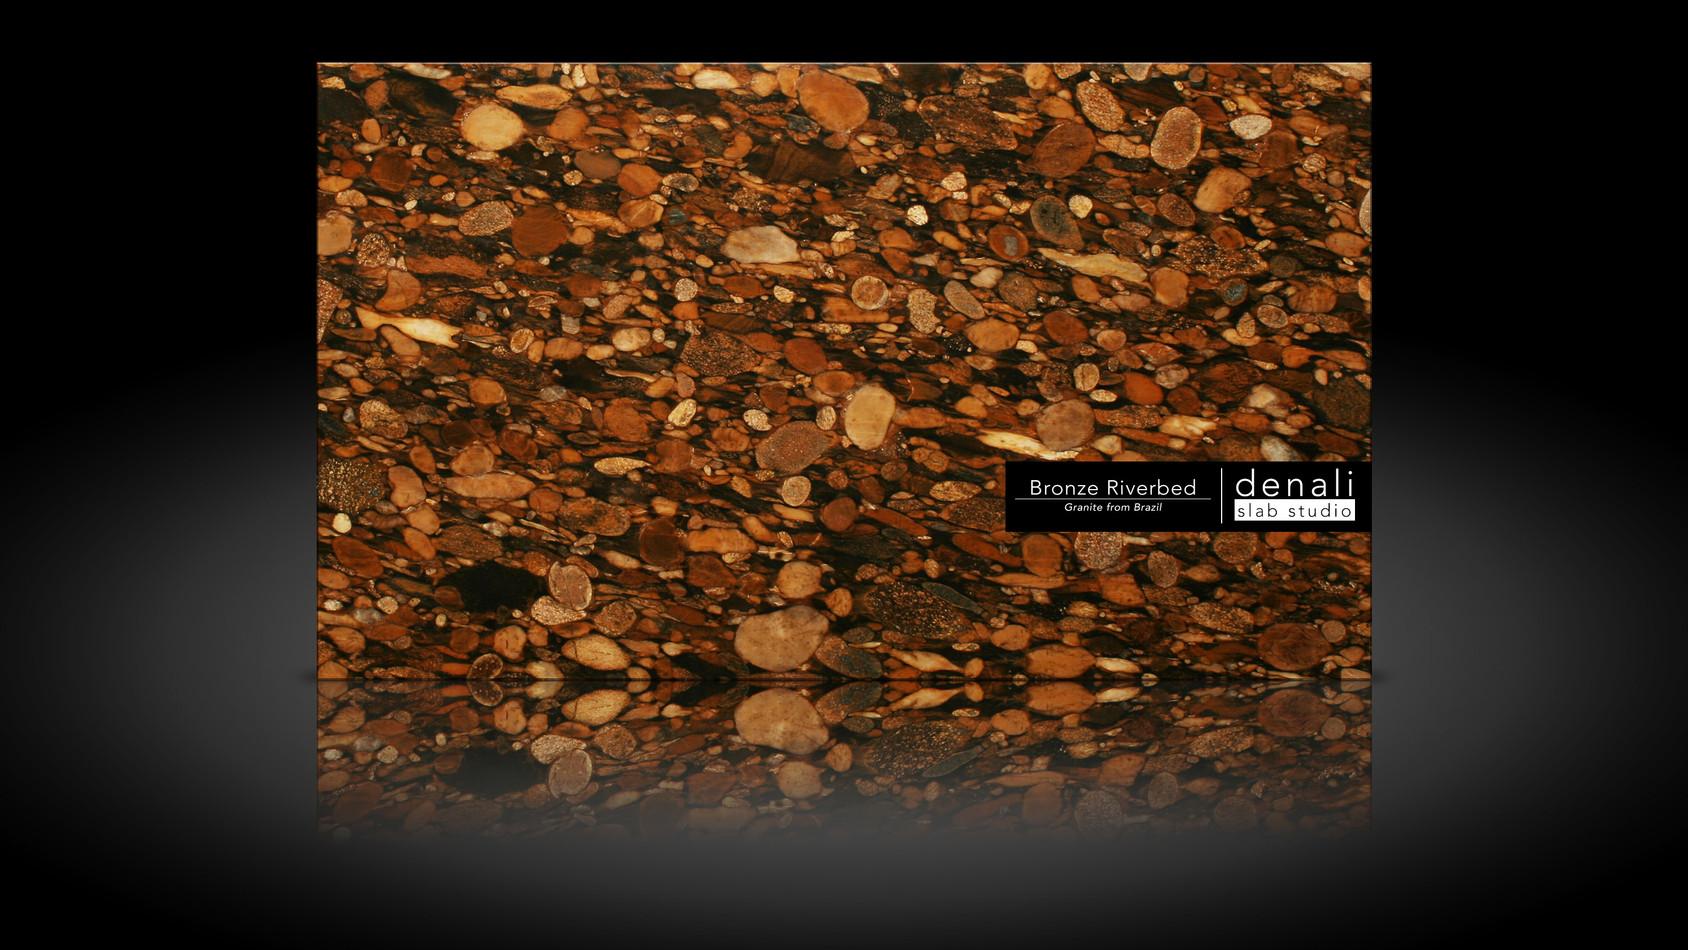 Bronze Riverbed